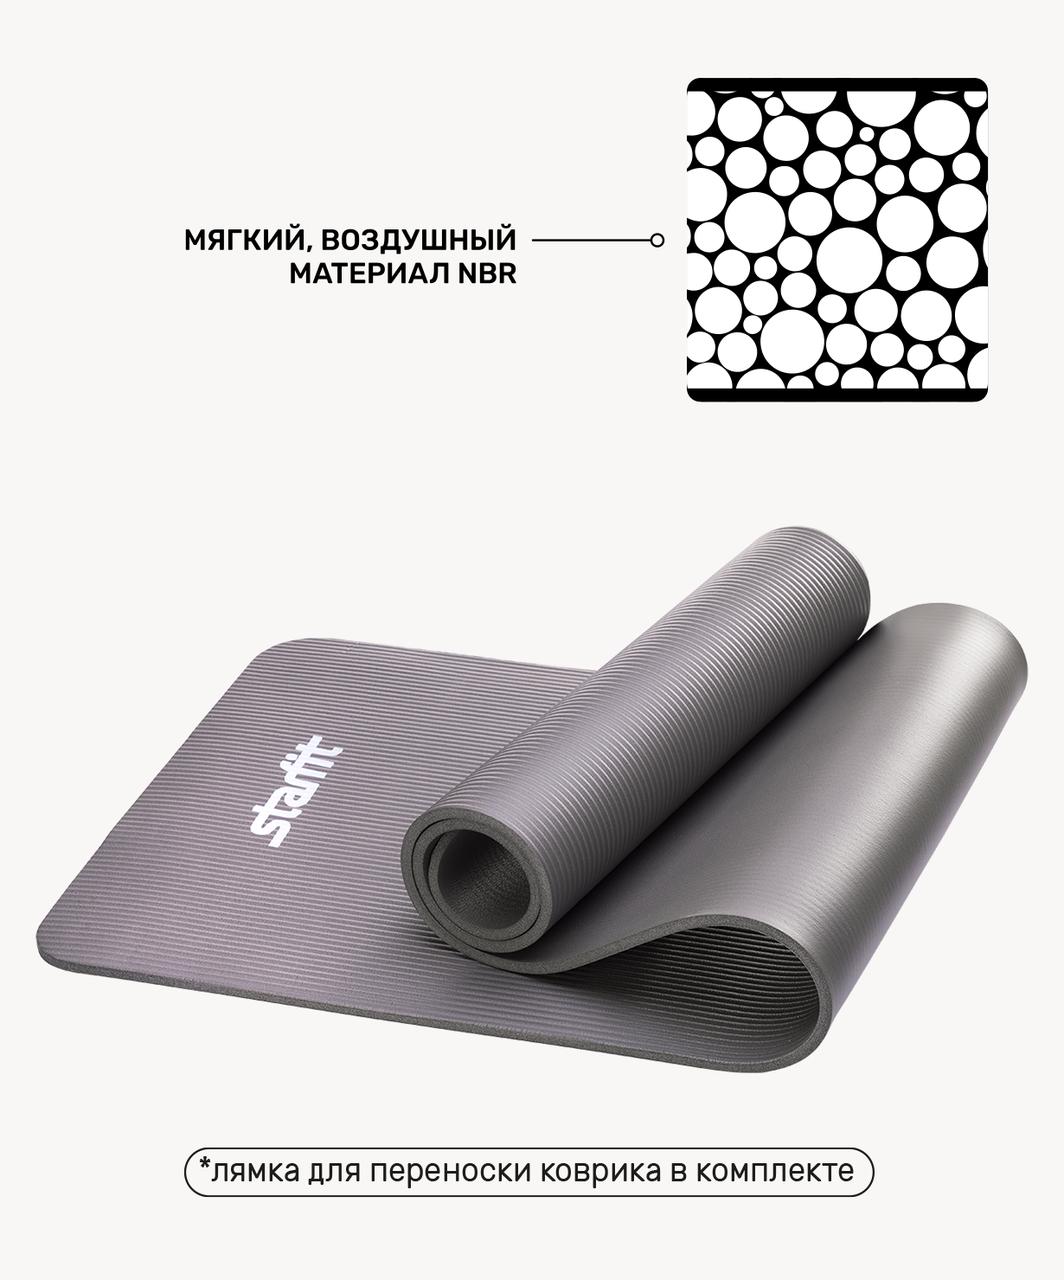 Коврик для йоги FM-301, NBR, 183x58x1,0 см, серый Starfit